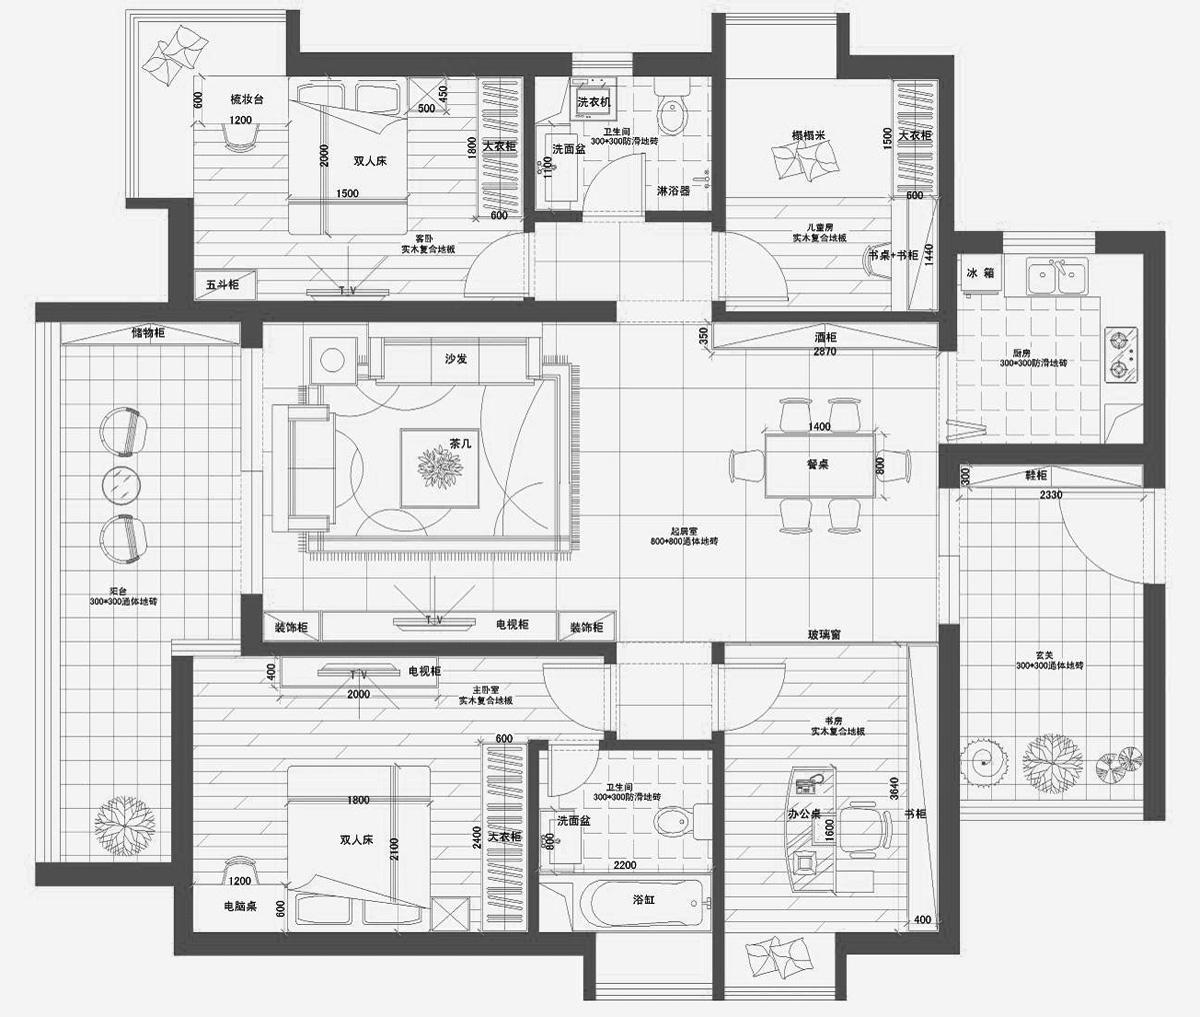 一间房屋格局设计图